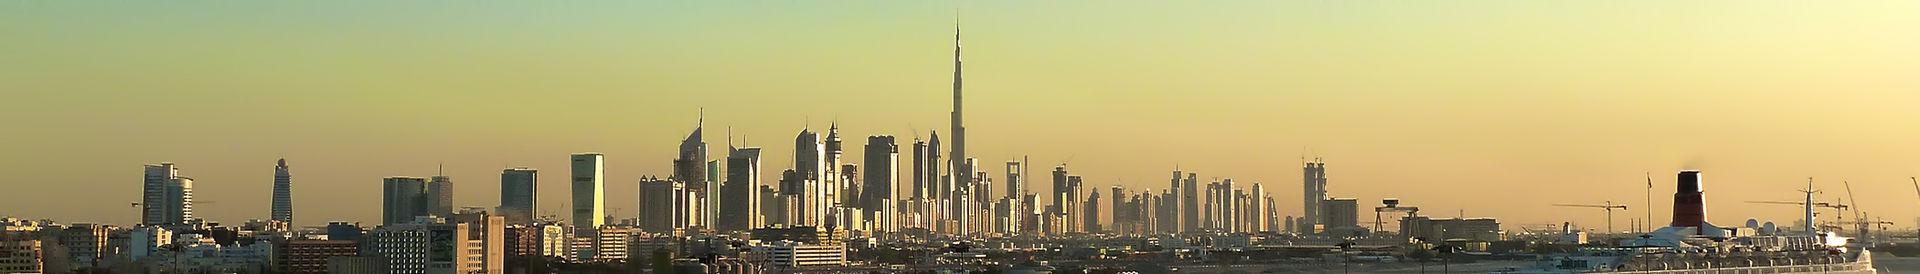 두바이-전경 위키피디아.jpg